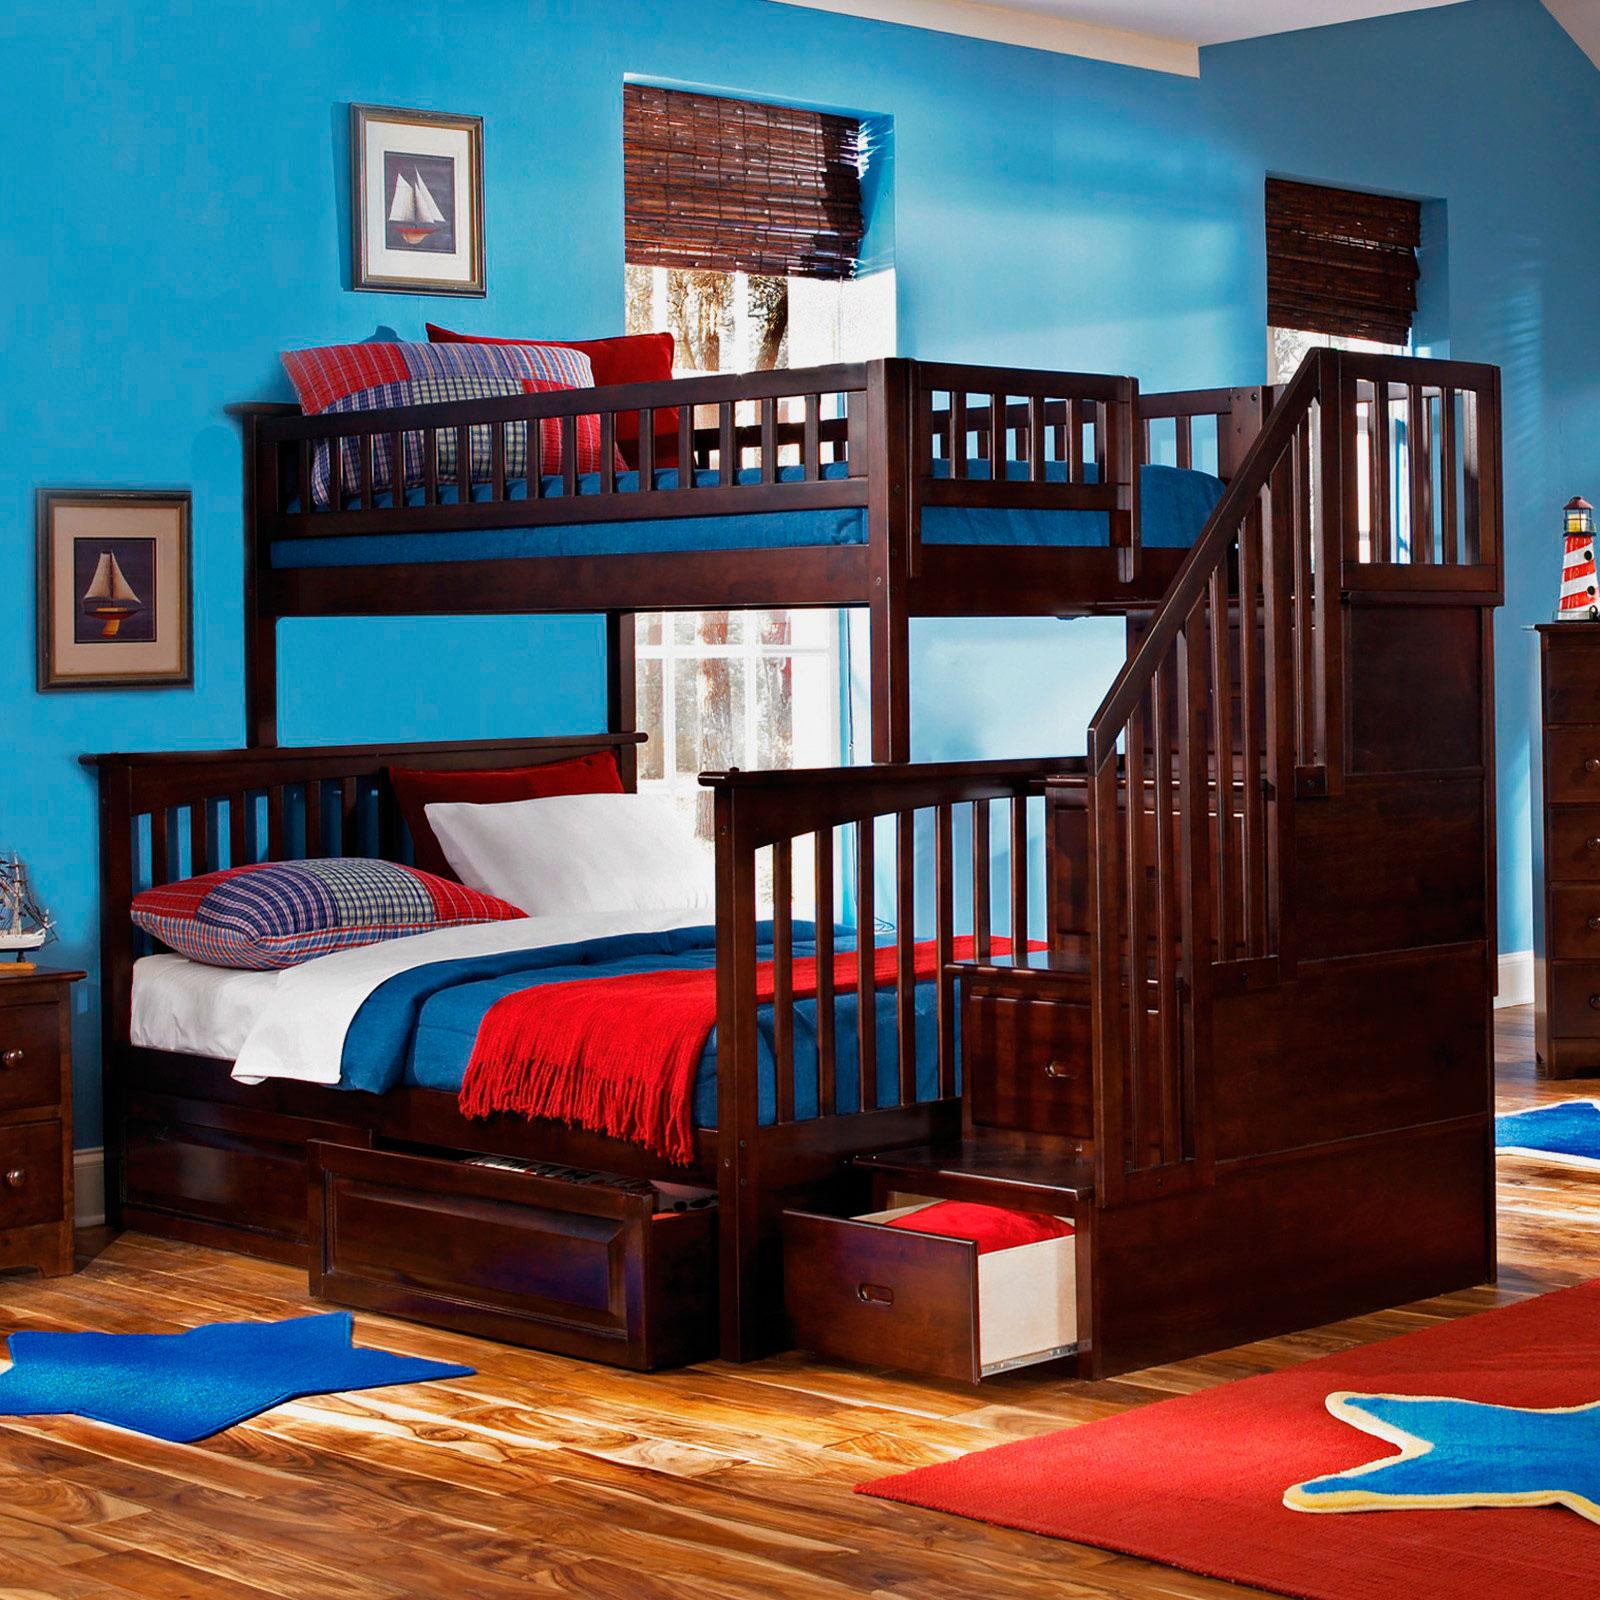 Кровать с подъемным механизмом своими руками, ServiceYard-уют вашего дома в Ваших руках